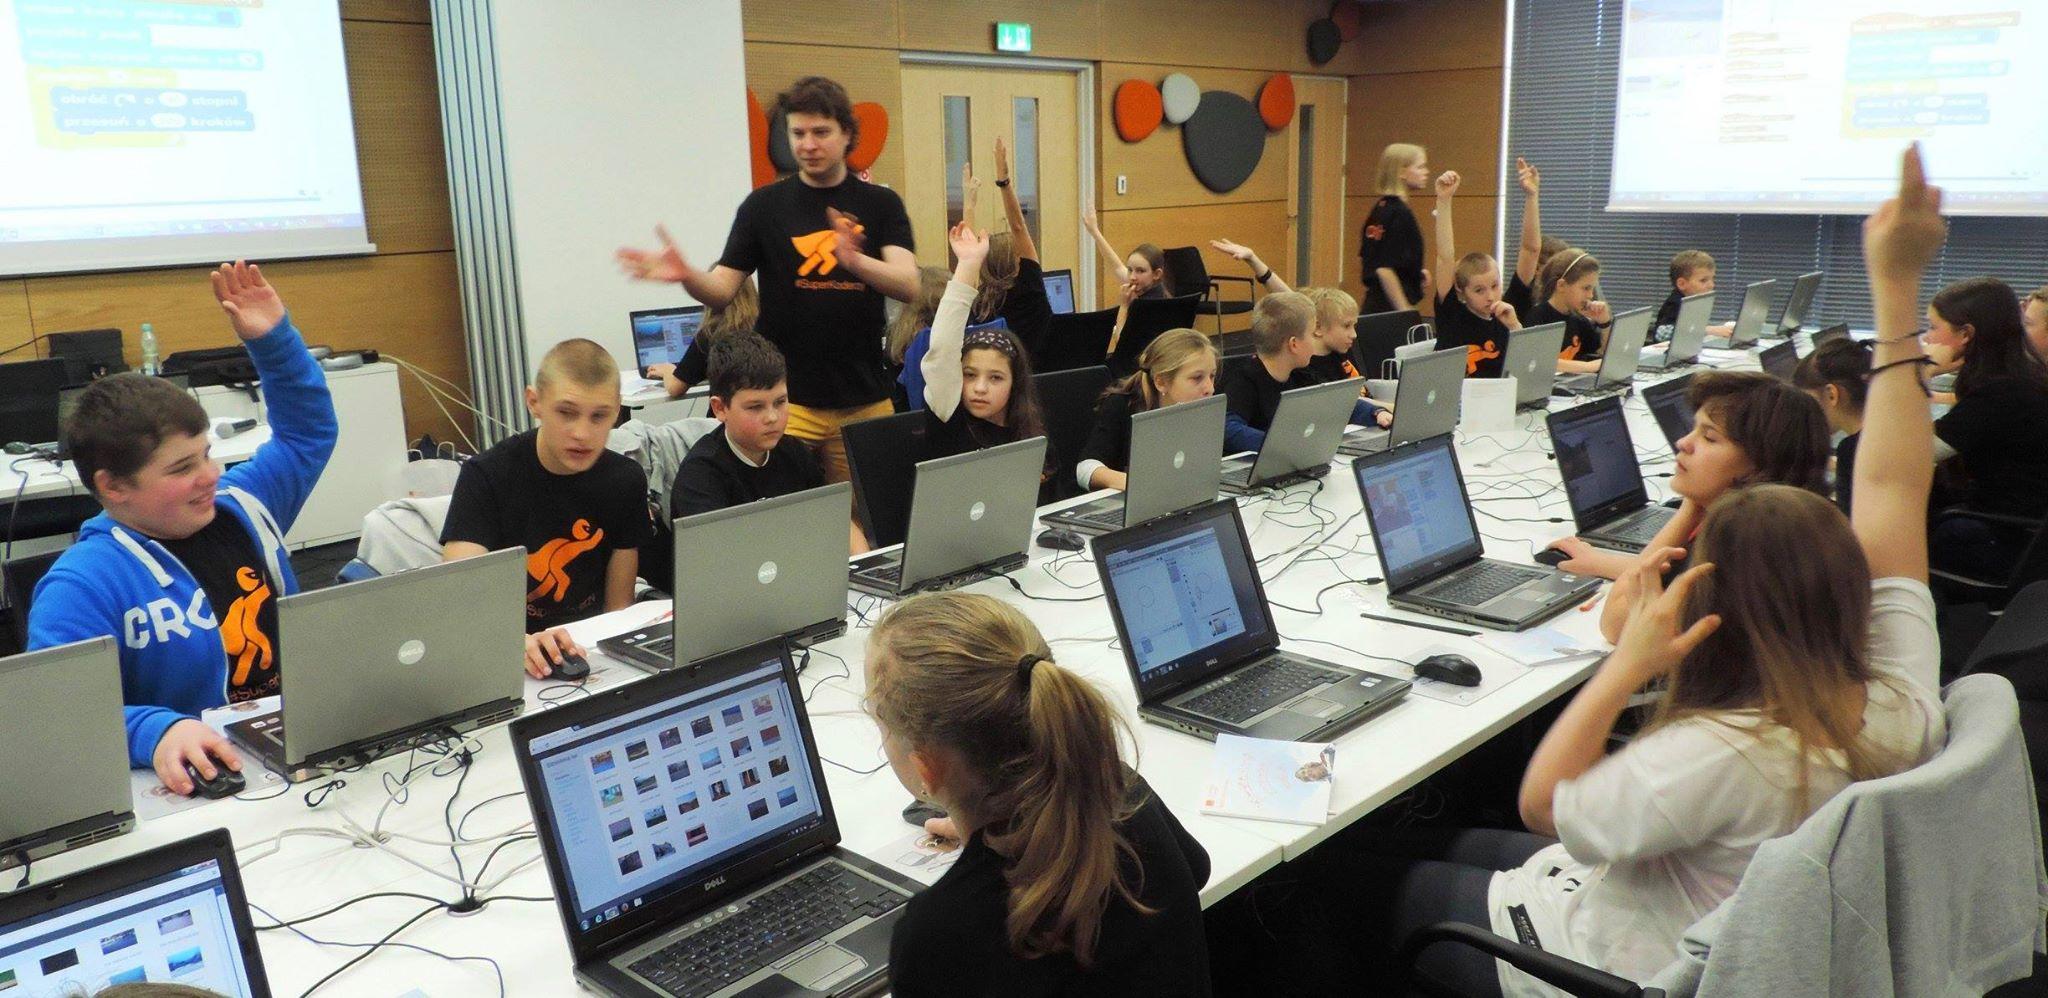 Pracownia Orange to dla wielu dzieci nie tylko szansa na lepszą przyszłość, ale też drugi dom